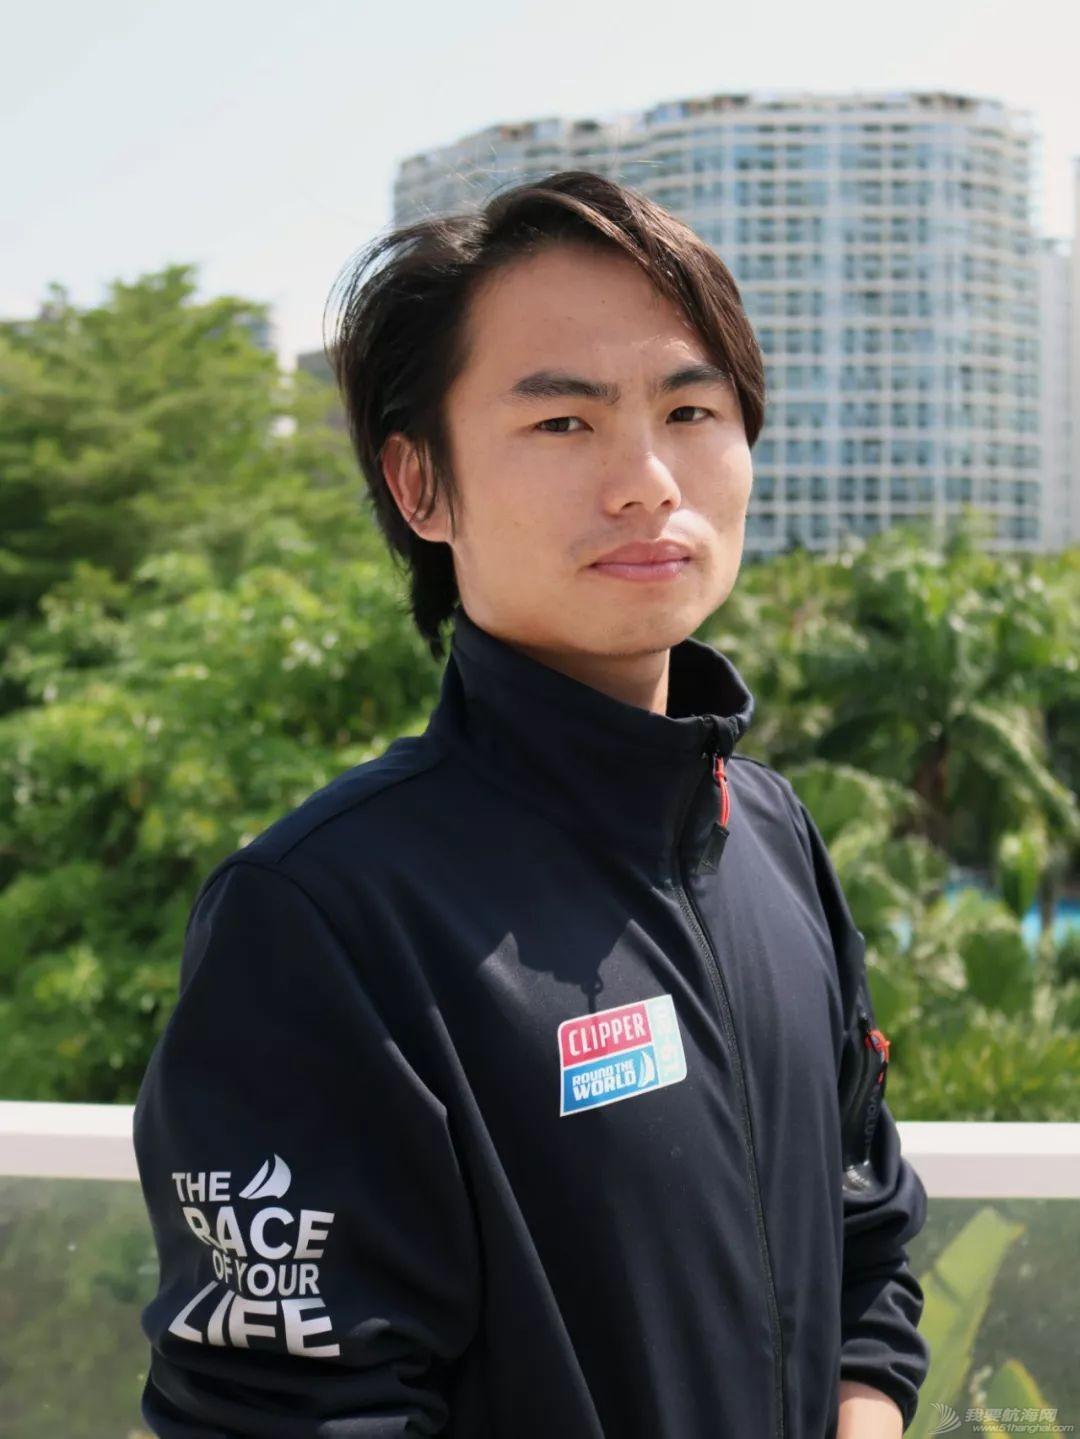 叮!三亚号大使船员赛段分配正式公布!w12.jpg